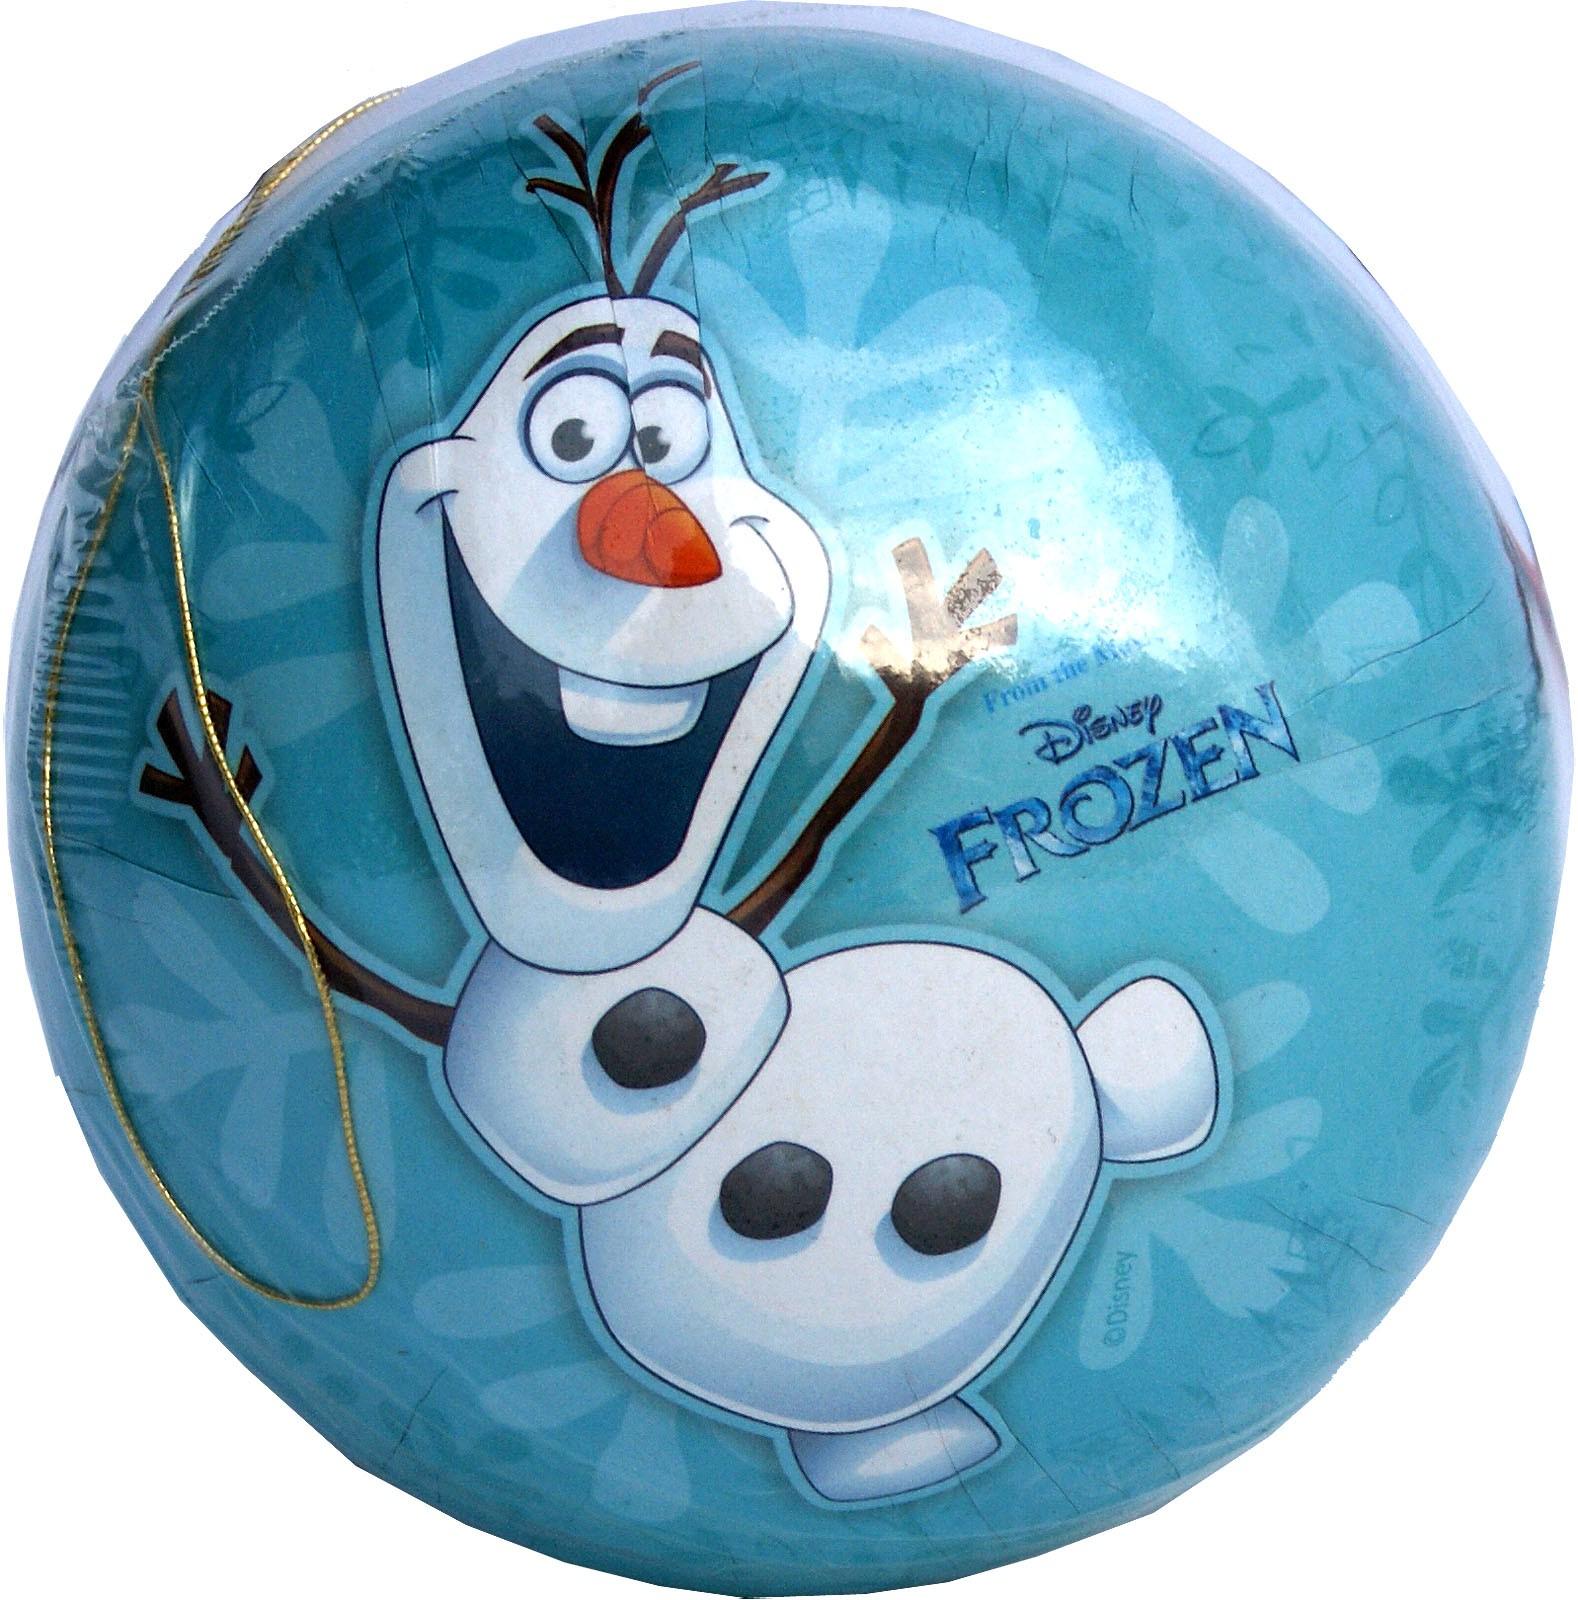 Weihnachtskugeln Disney´s frozen - Olaf, 8 cm